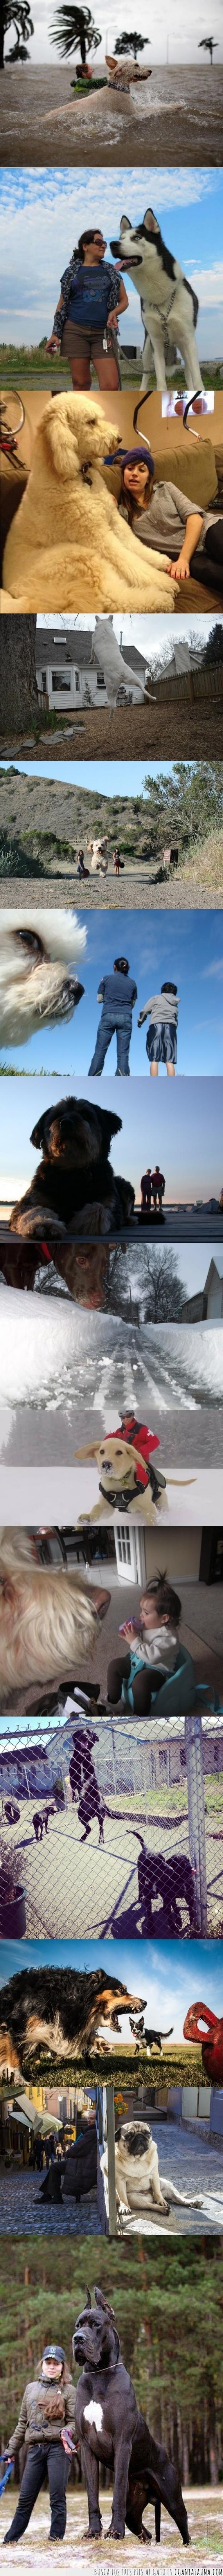 fotografías,gigantes,miedito,momento justo,perros,perspectiva,si fueran gatos estaríamos perdidos